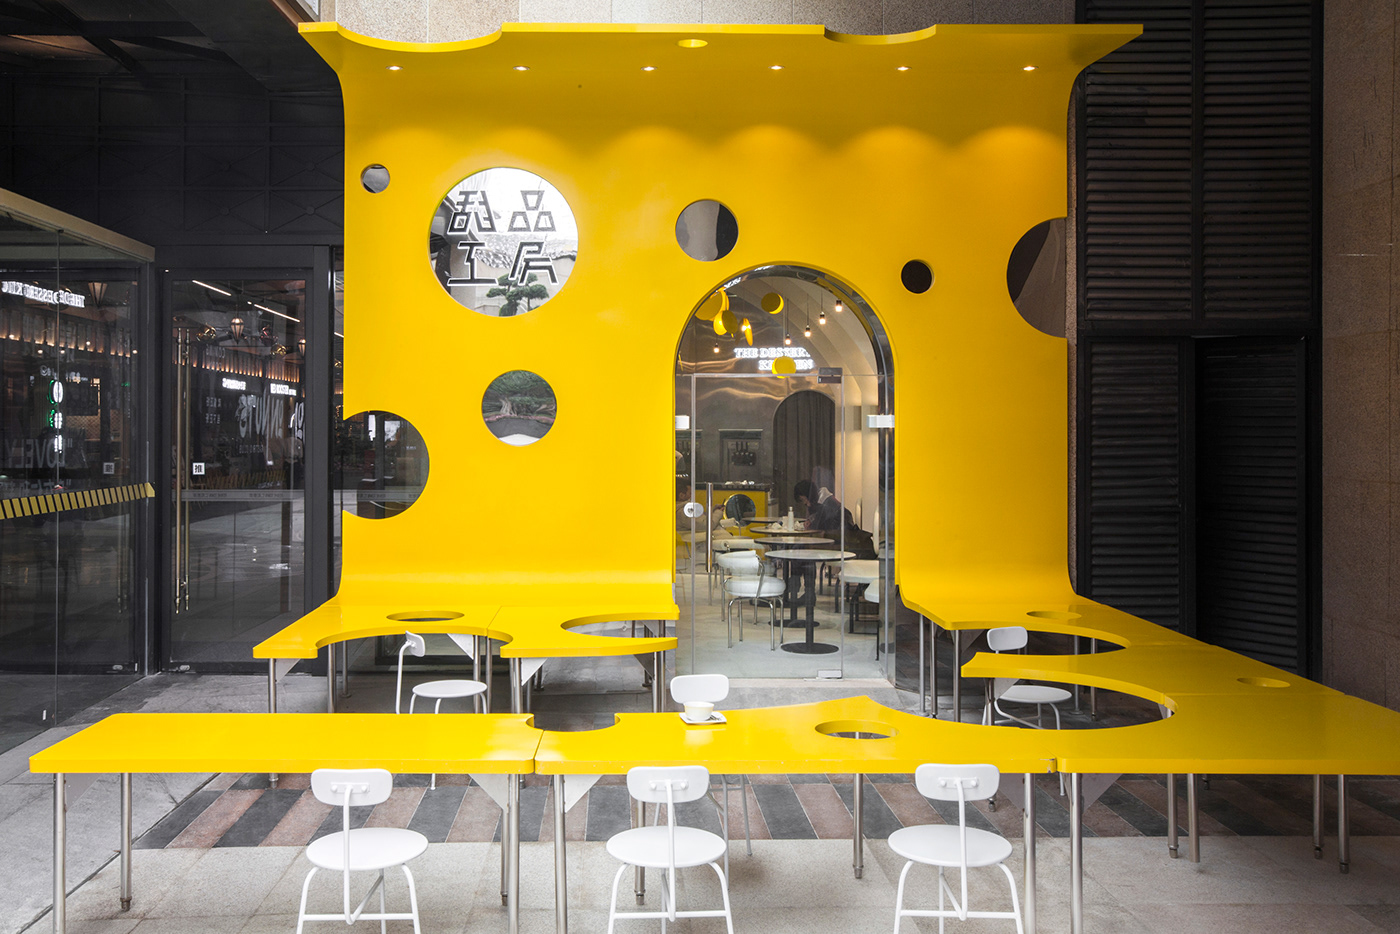 商业空间设计 室内设计 店铺设计 空间设计